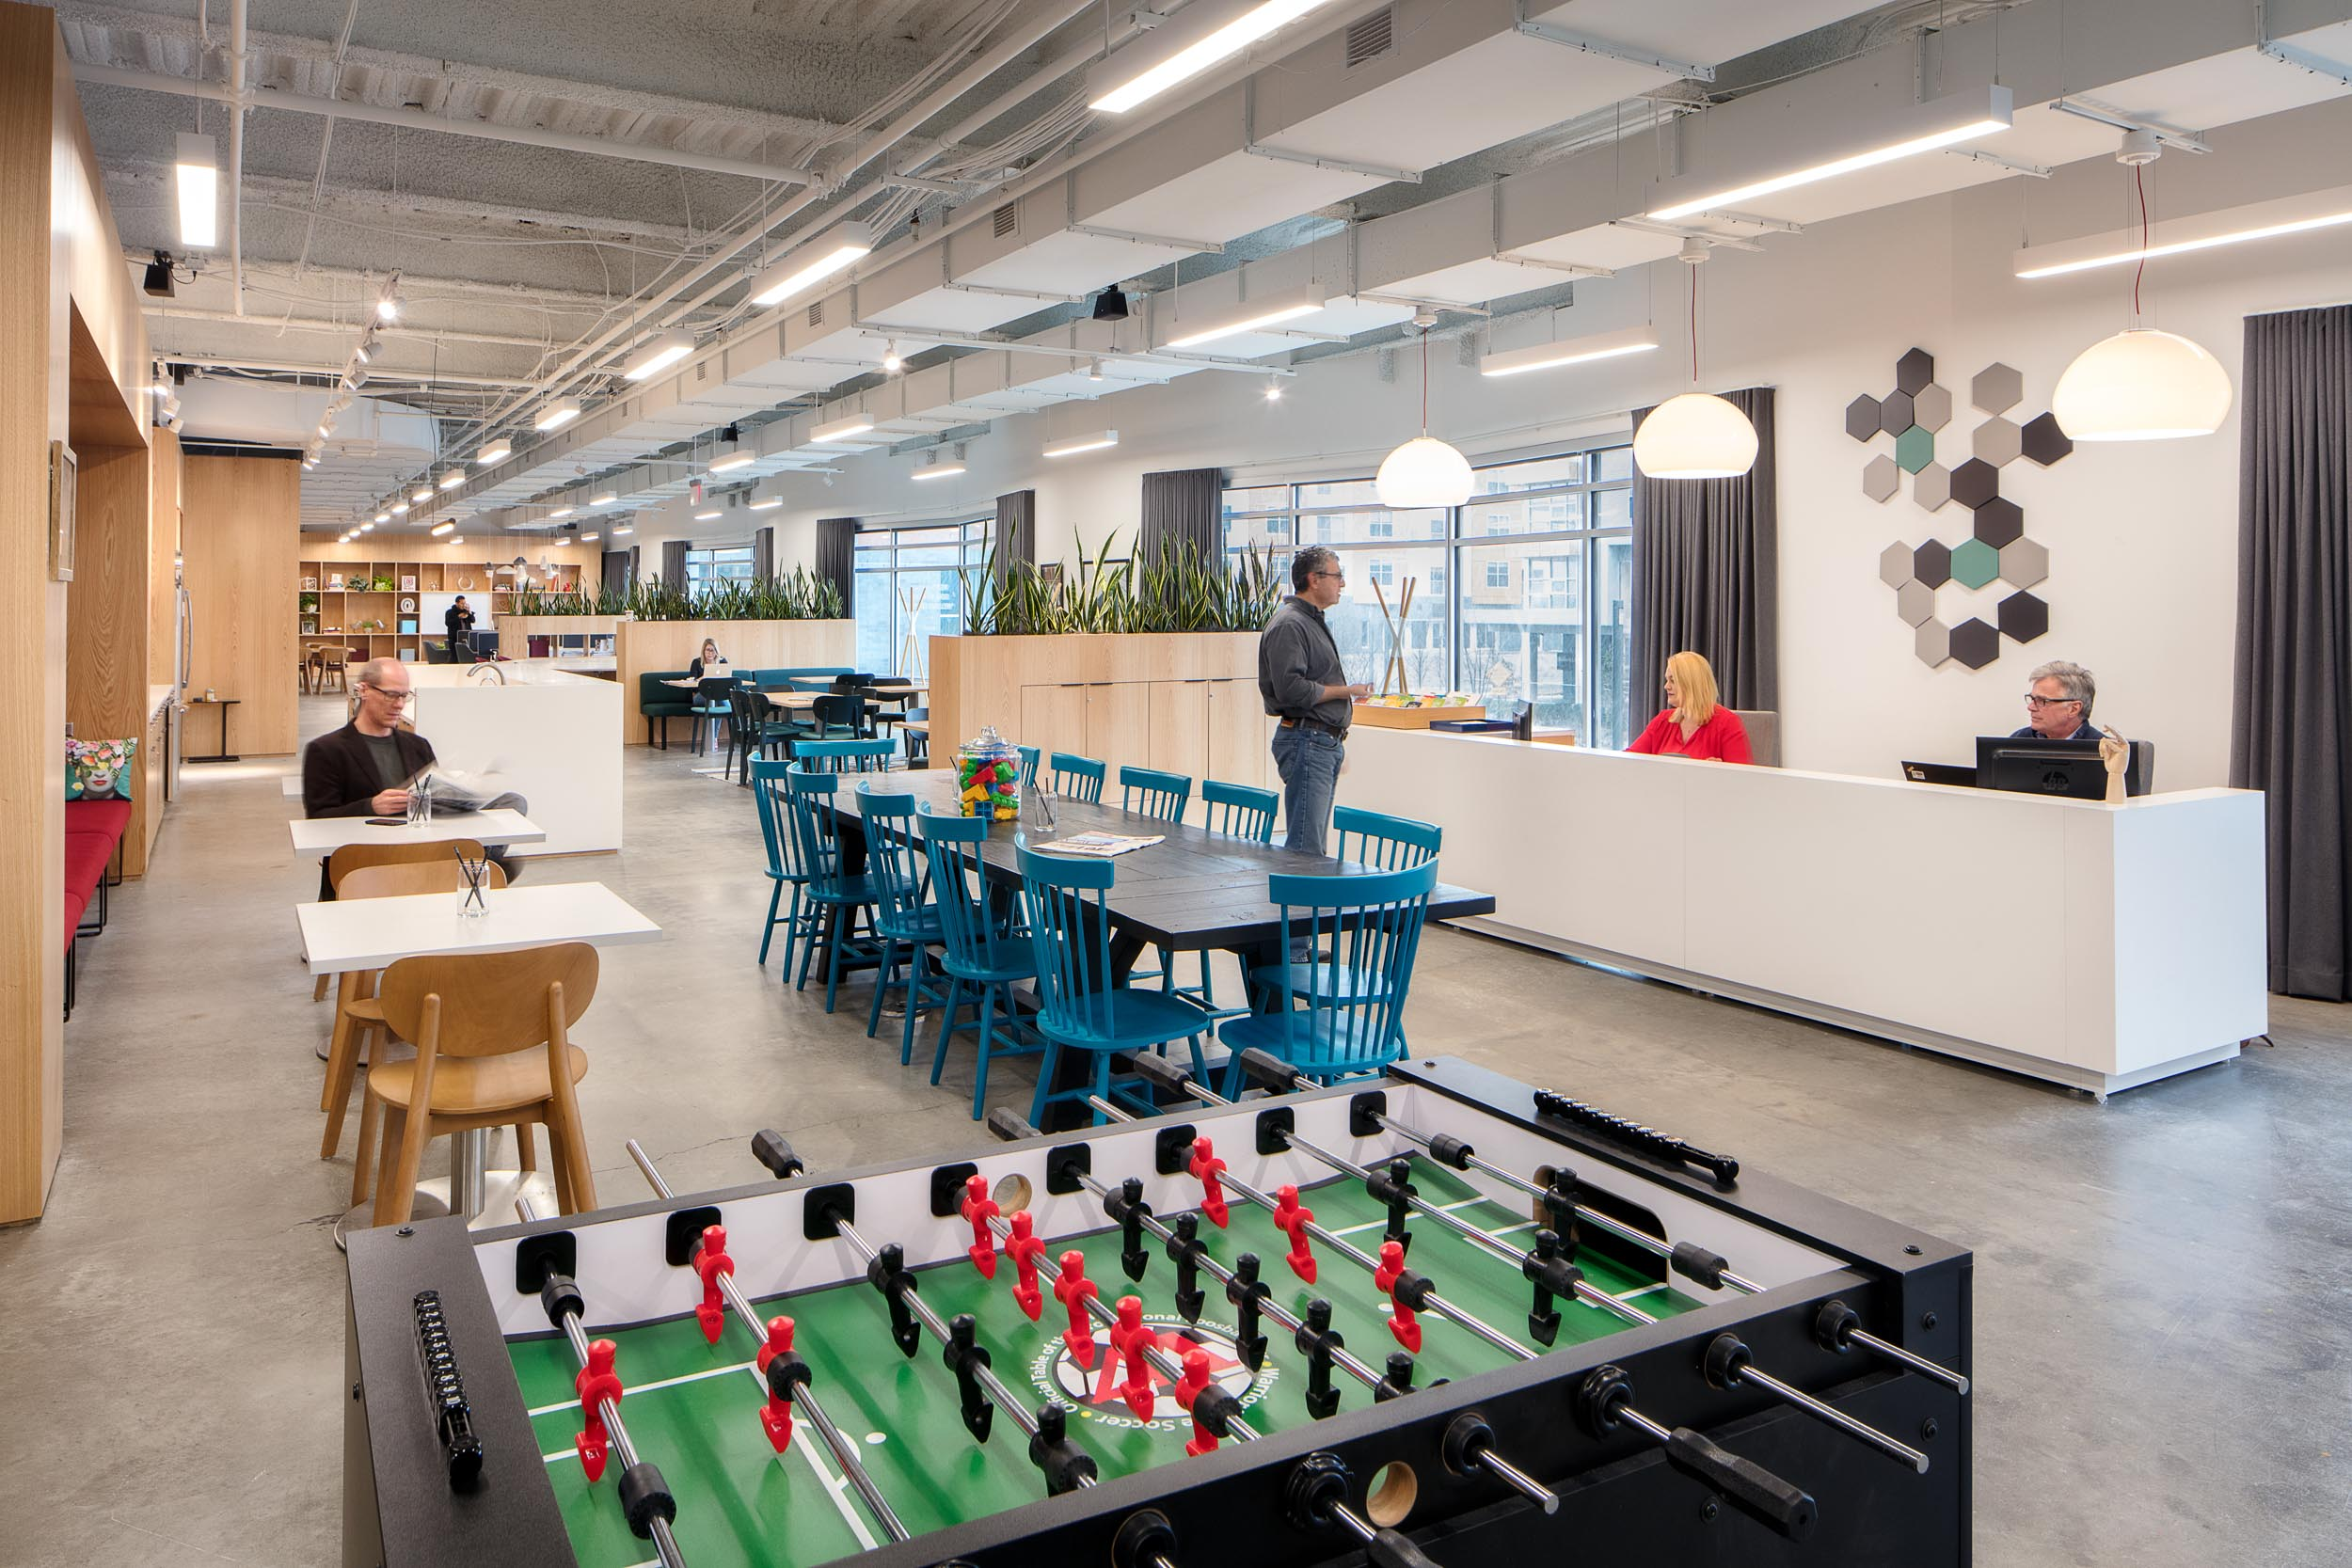 regus_spaces_office_workplace_coworking-11.jpg